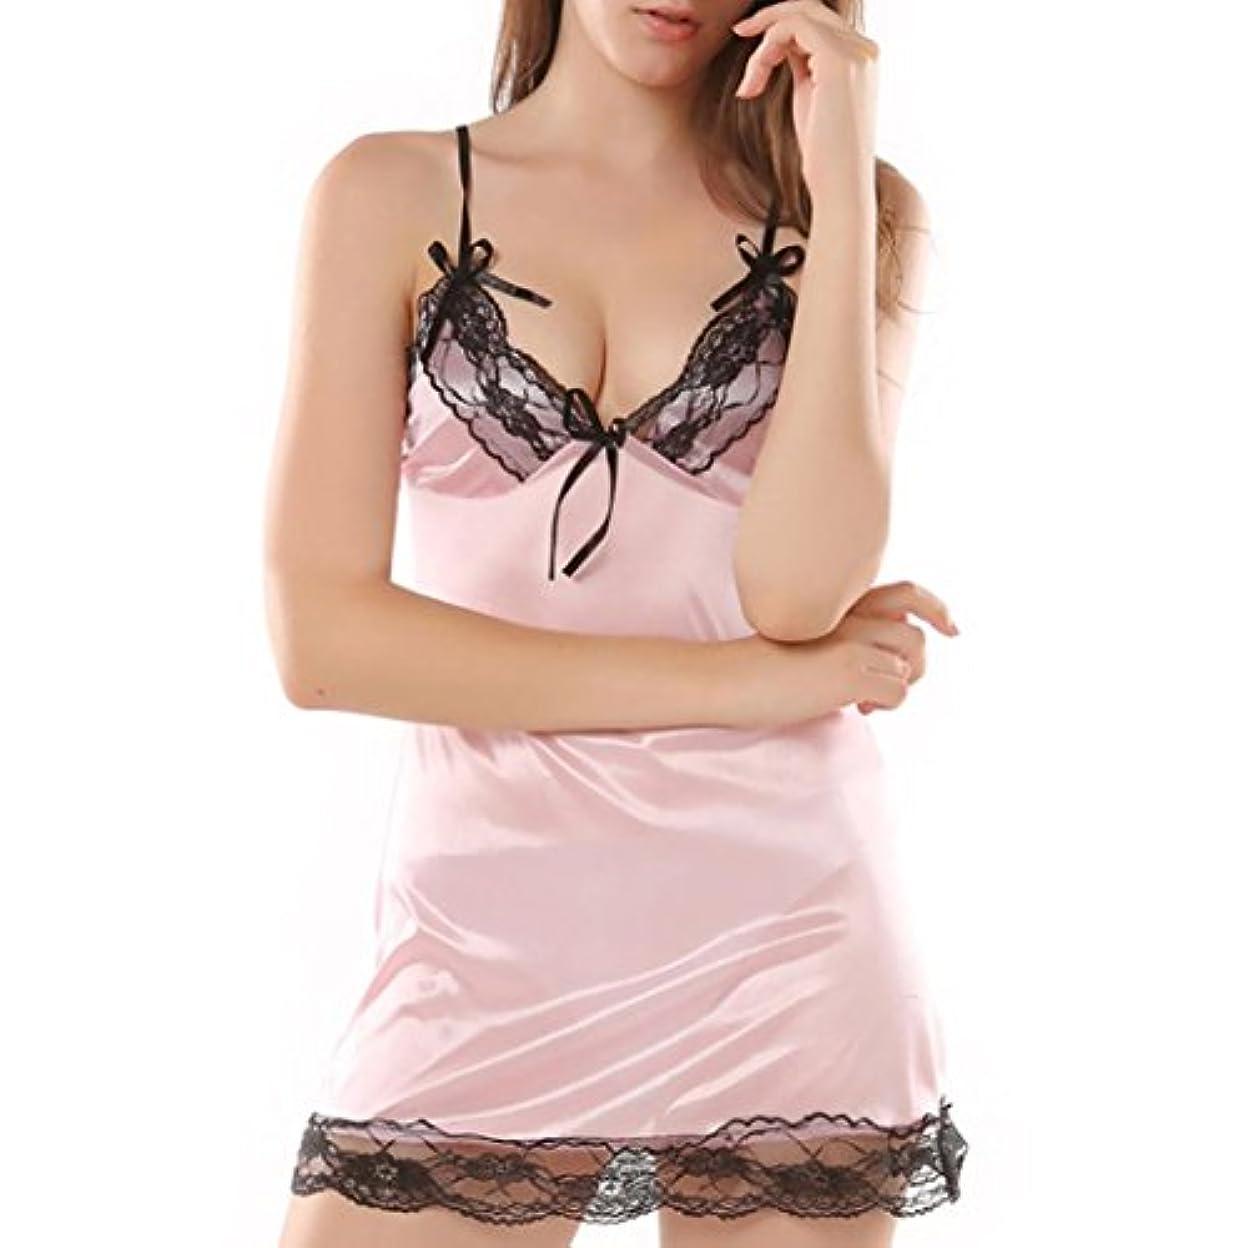 徴収七時半ギネスMhomzawa レースの下着ファッションセクシープラスサイズの服は下着の寝巻の誘惑